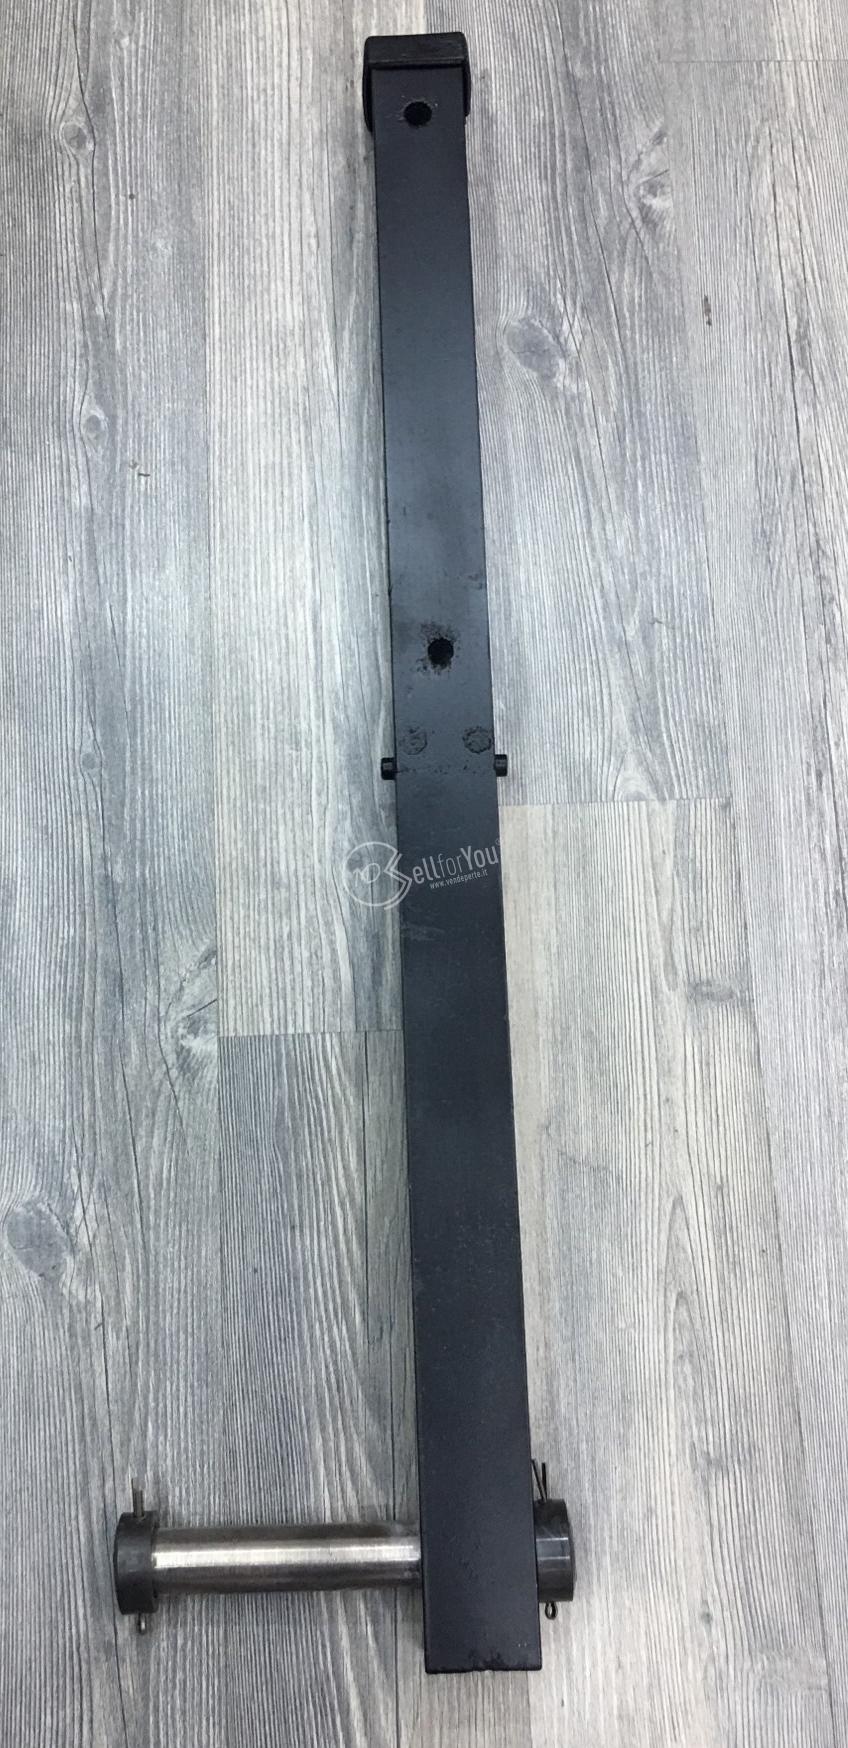 sellforyou immagine default articolo correlato non trovatoGambo alluminio verniciato per applicazione su specchio di poppa